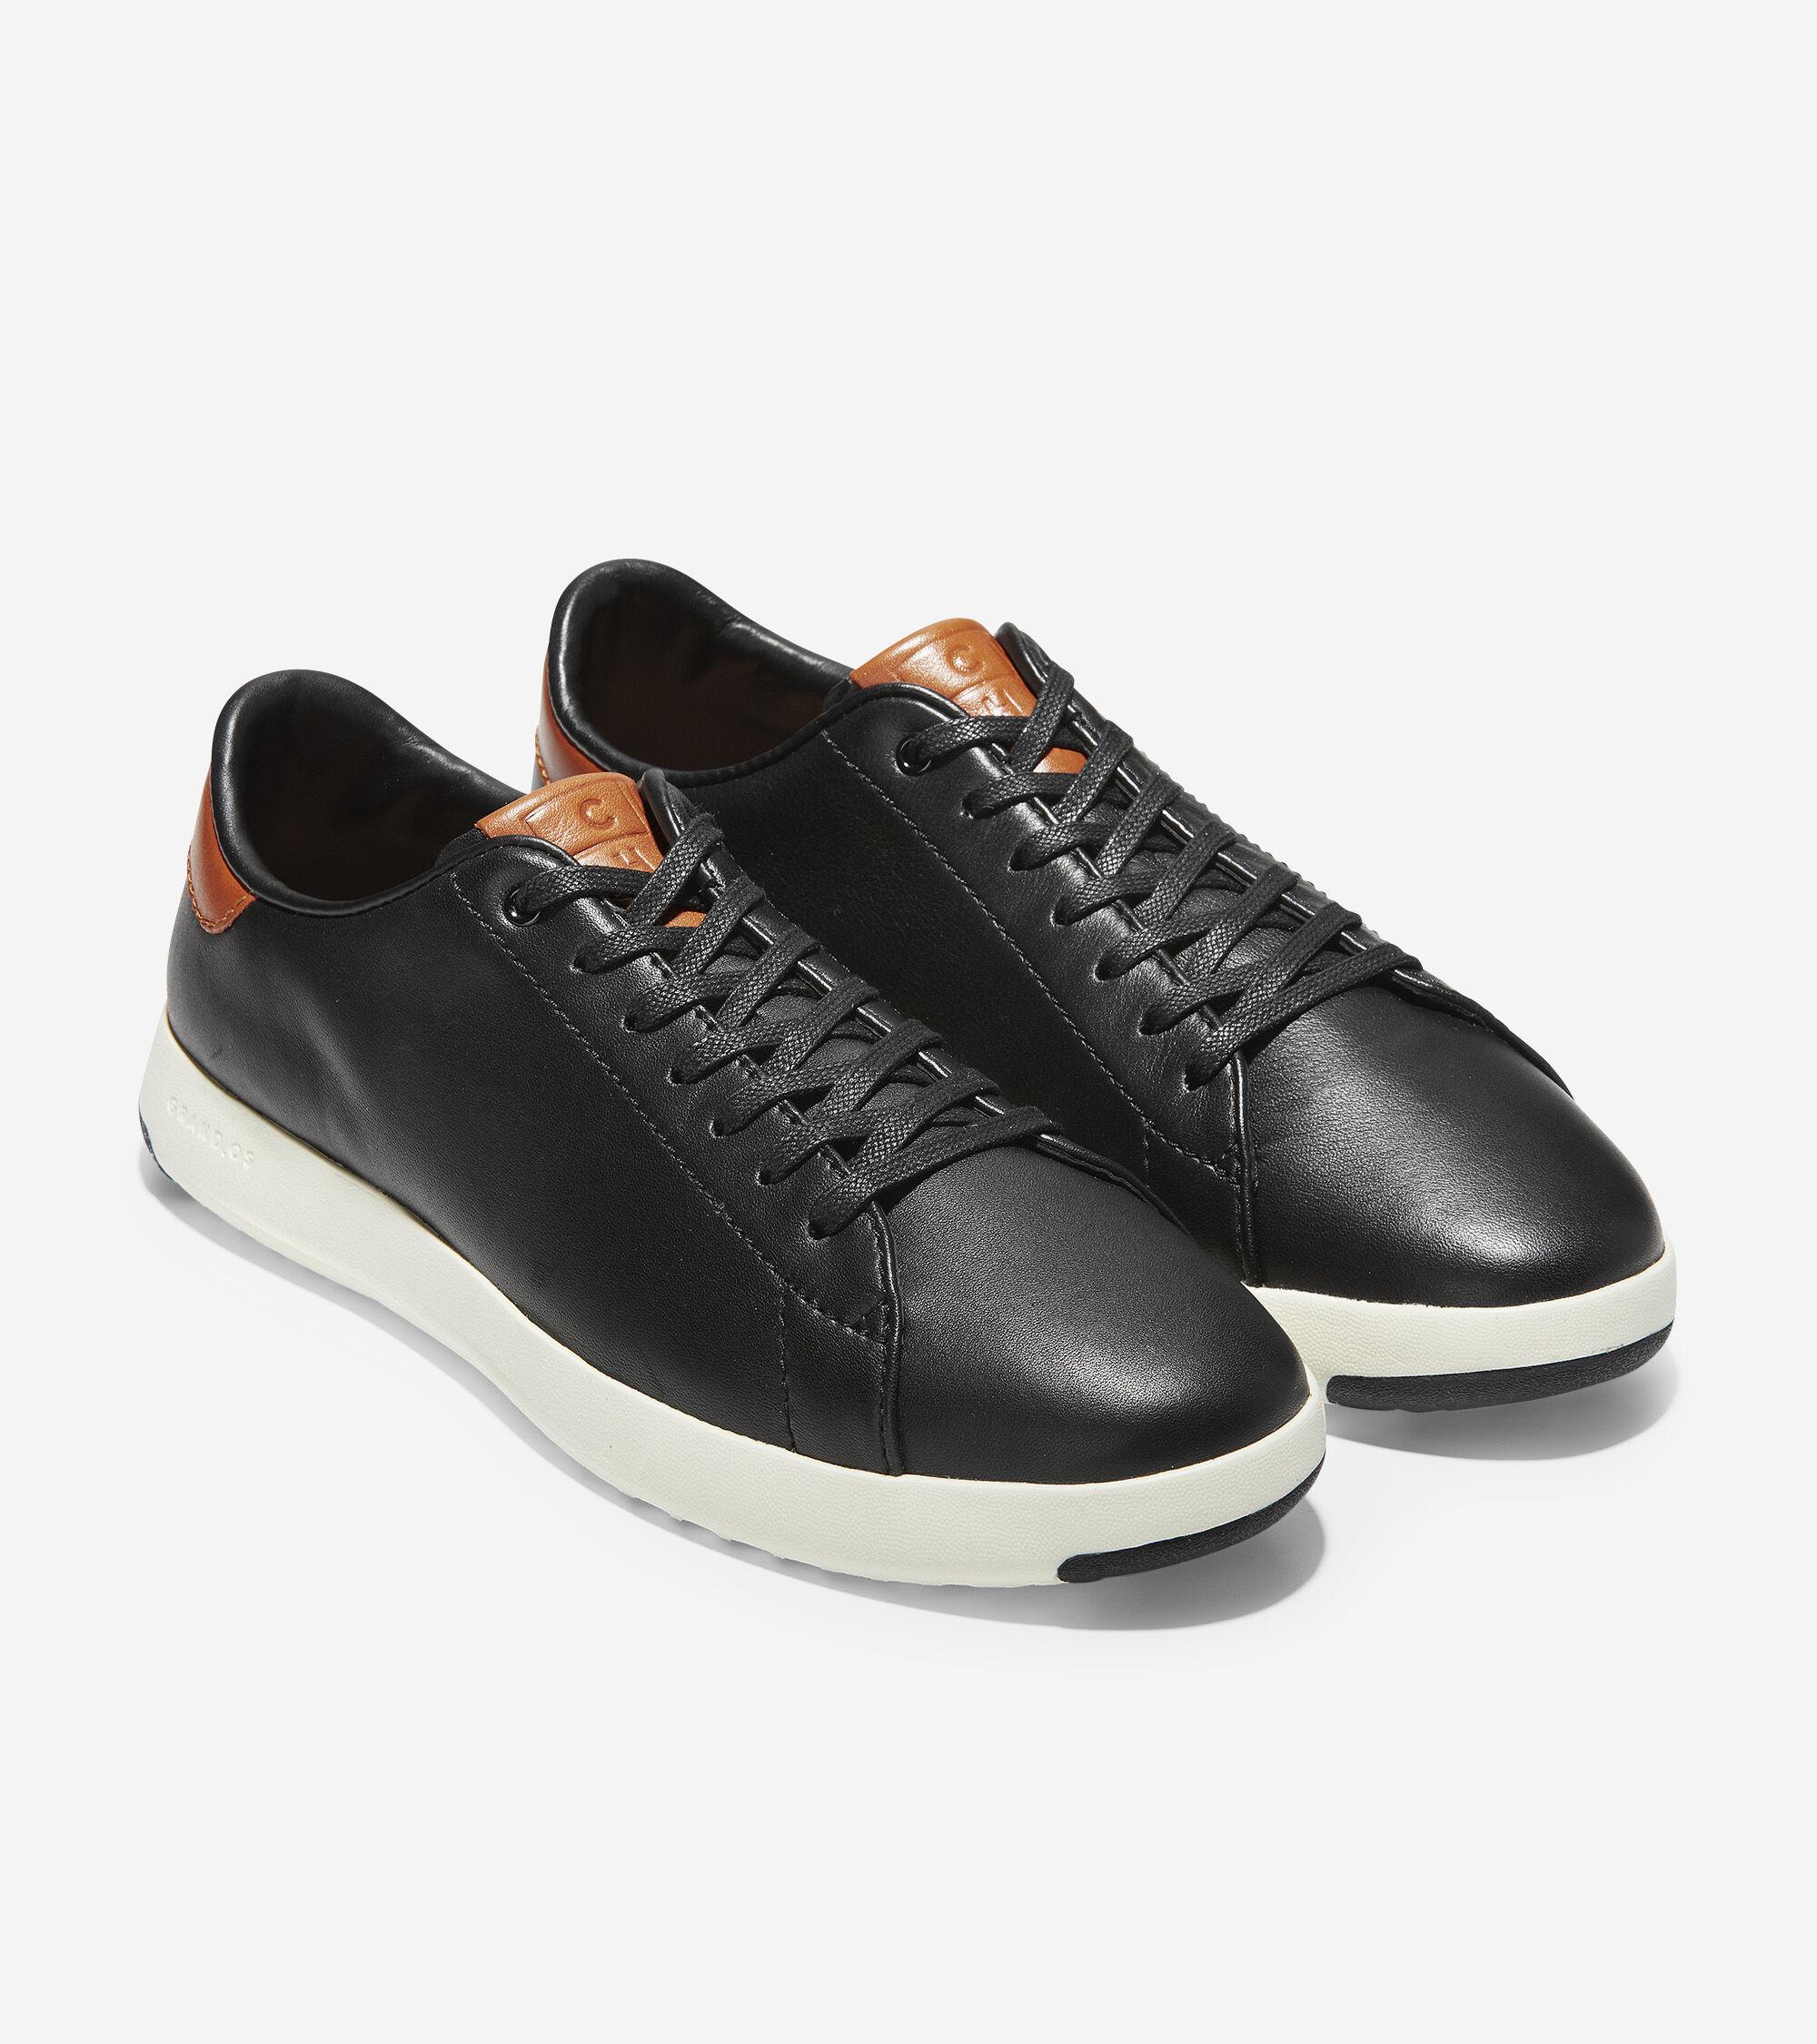 ... Men's GrandPrø Tennis Sneaker · Men's GrandPrø Tennis Sneaker; Men's  GrandPrø Tennis Sneaker. #colehaan